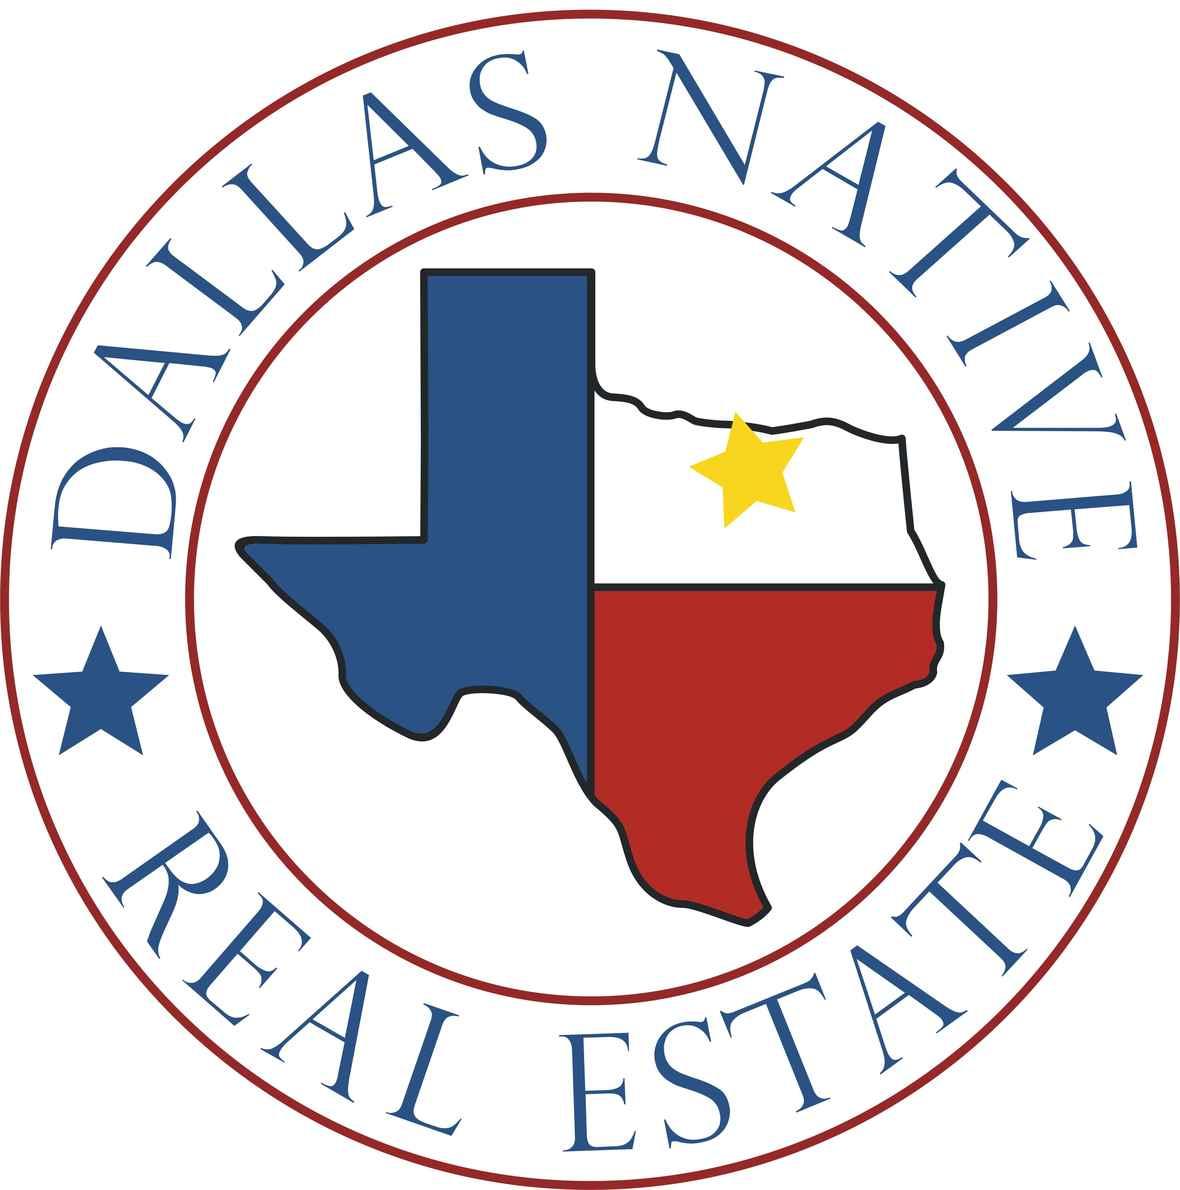 Dallas Native Real Estate - Circle